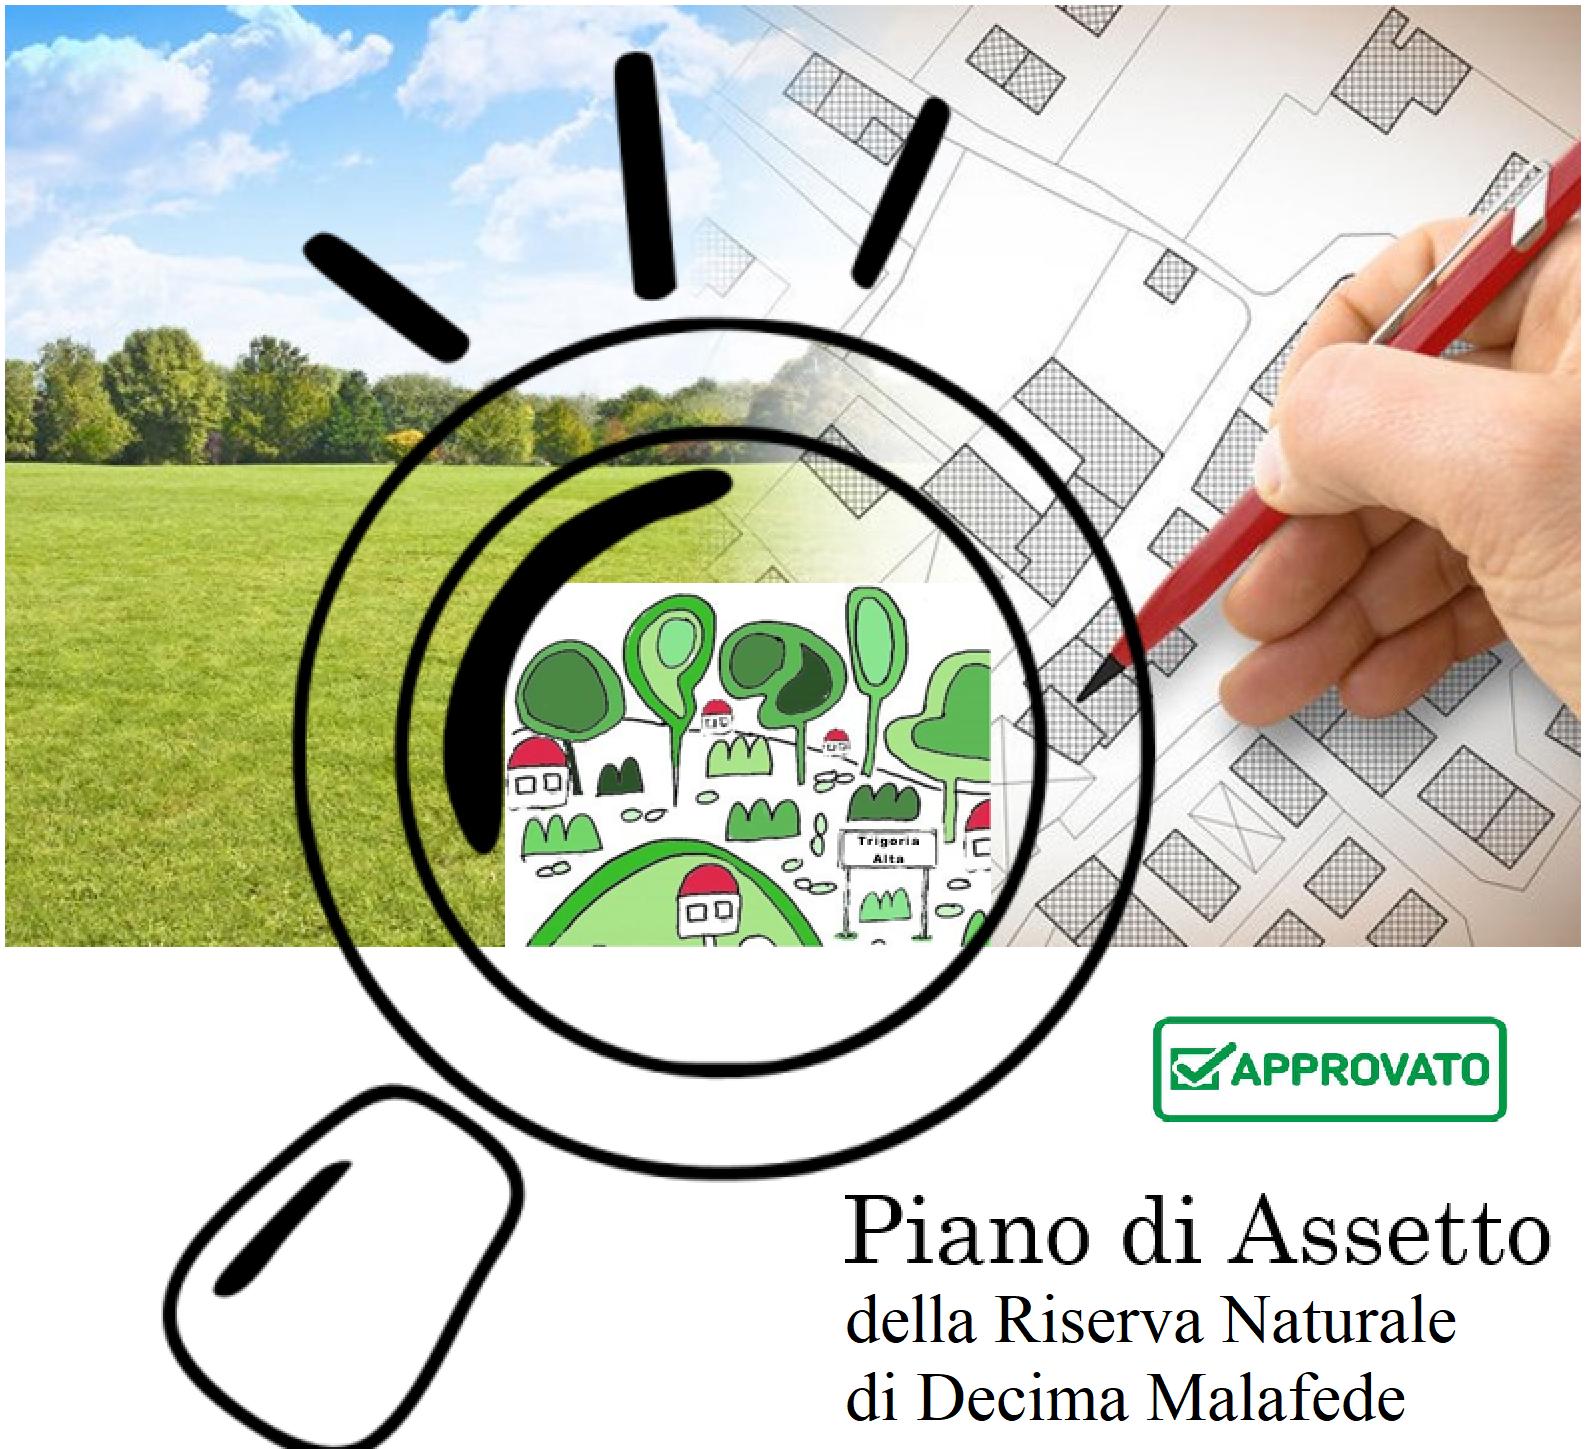 SCHEDA PIANO DI ASSETTO RISERVA NATURALE DECIMA MALAFEDE